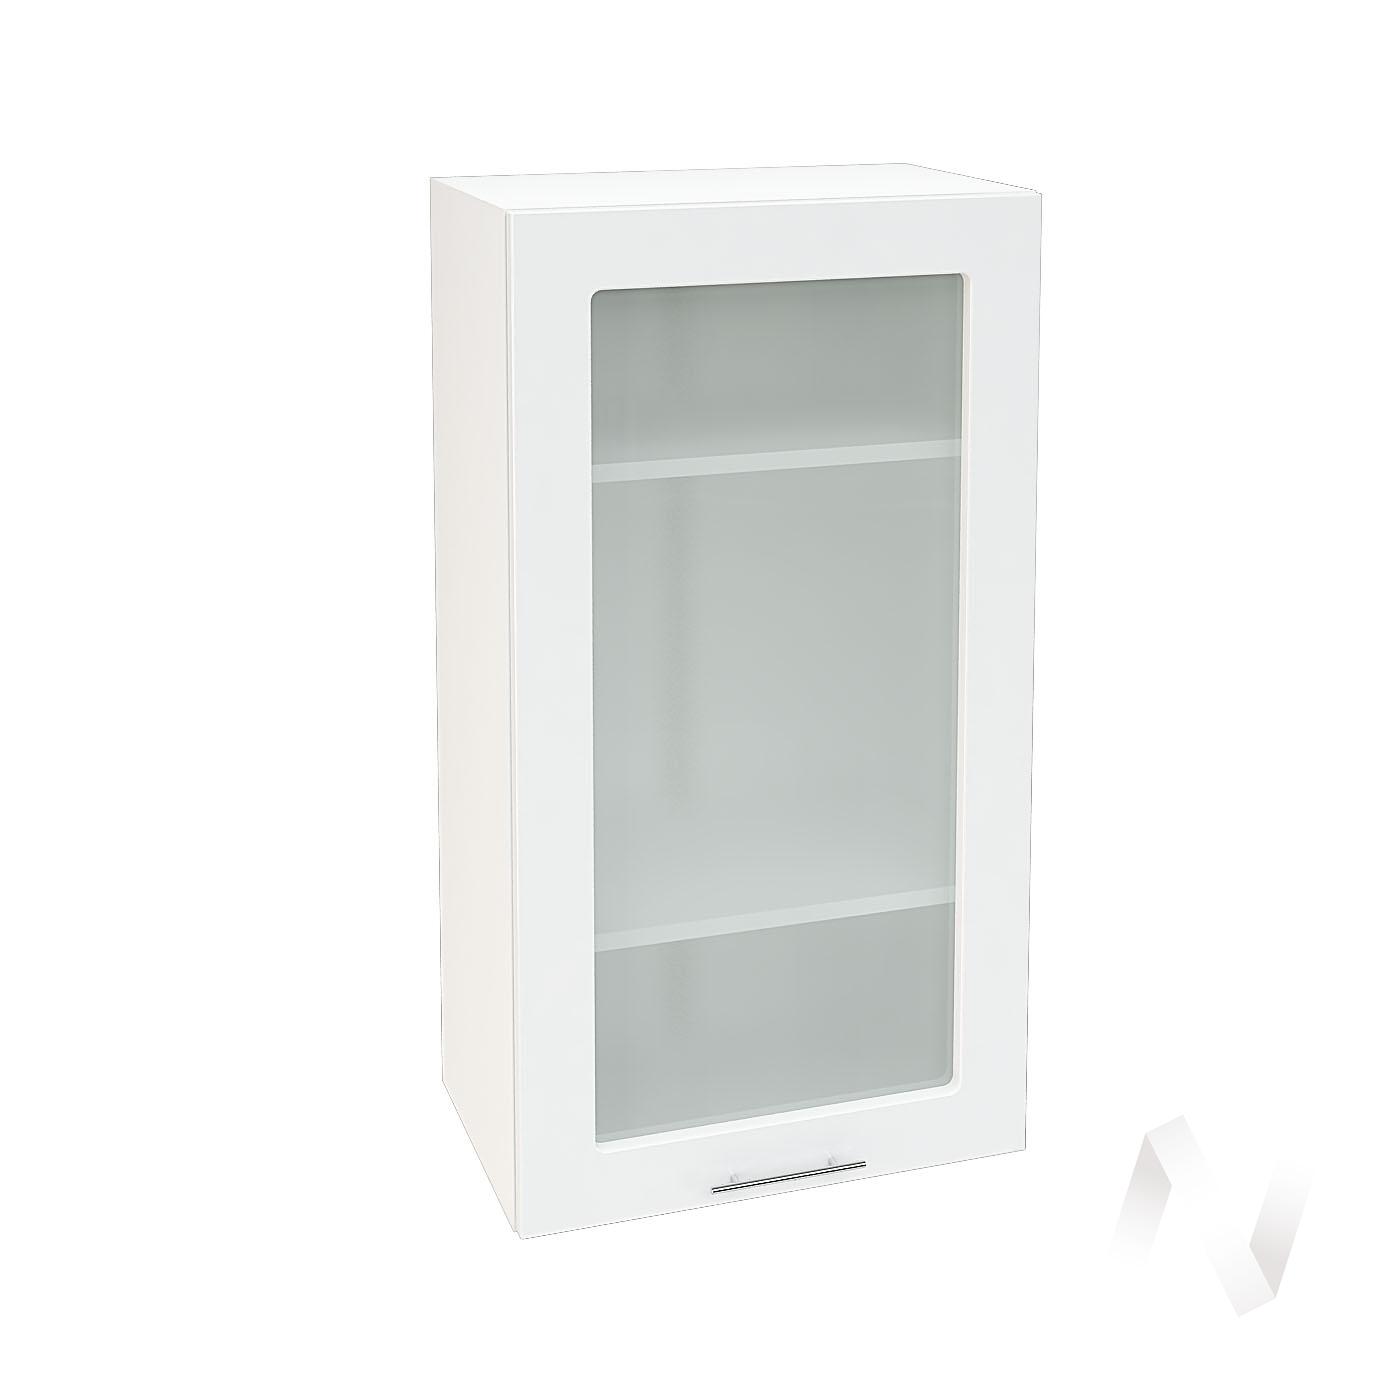 """Кухня """"Валерия-М"""": Шкаф верхний со стеклом 509, ШВС 509 (белый глянец/корпус белый)"""